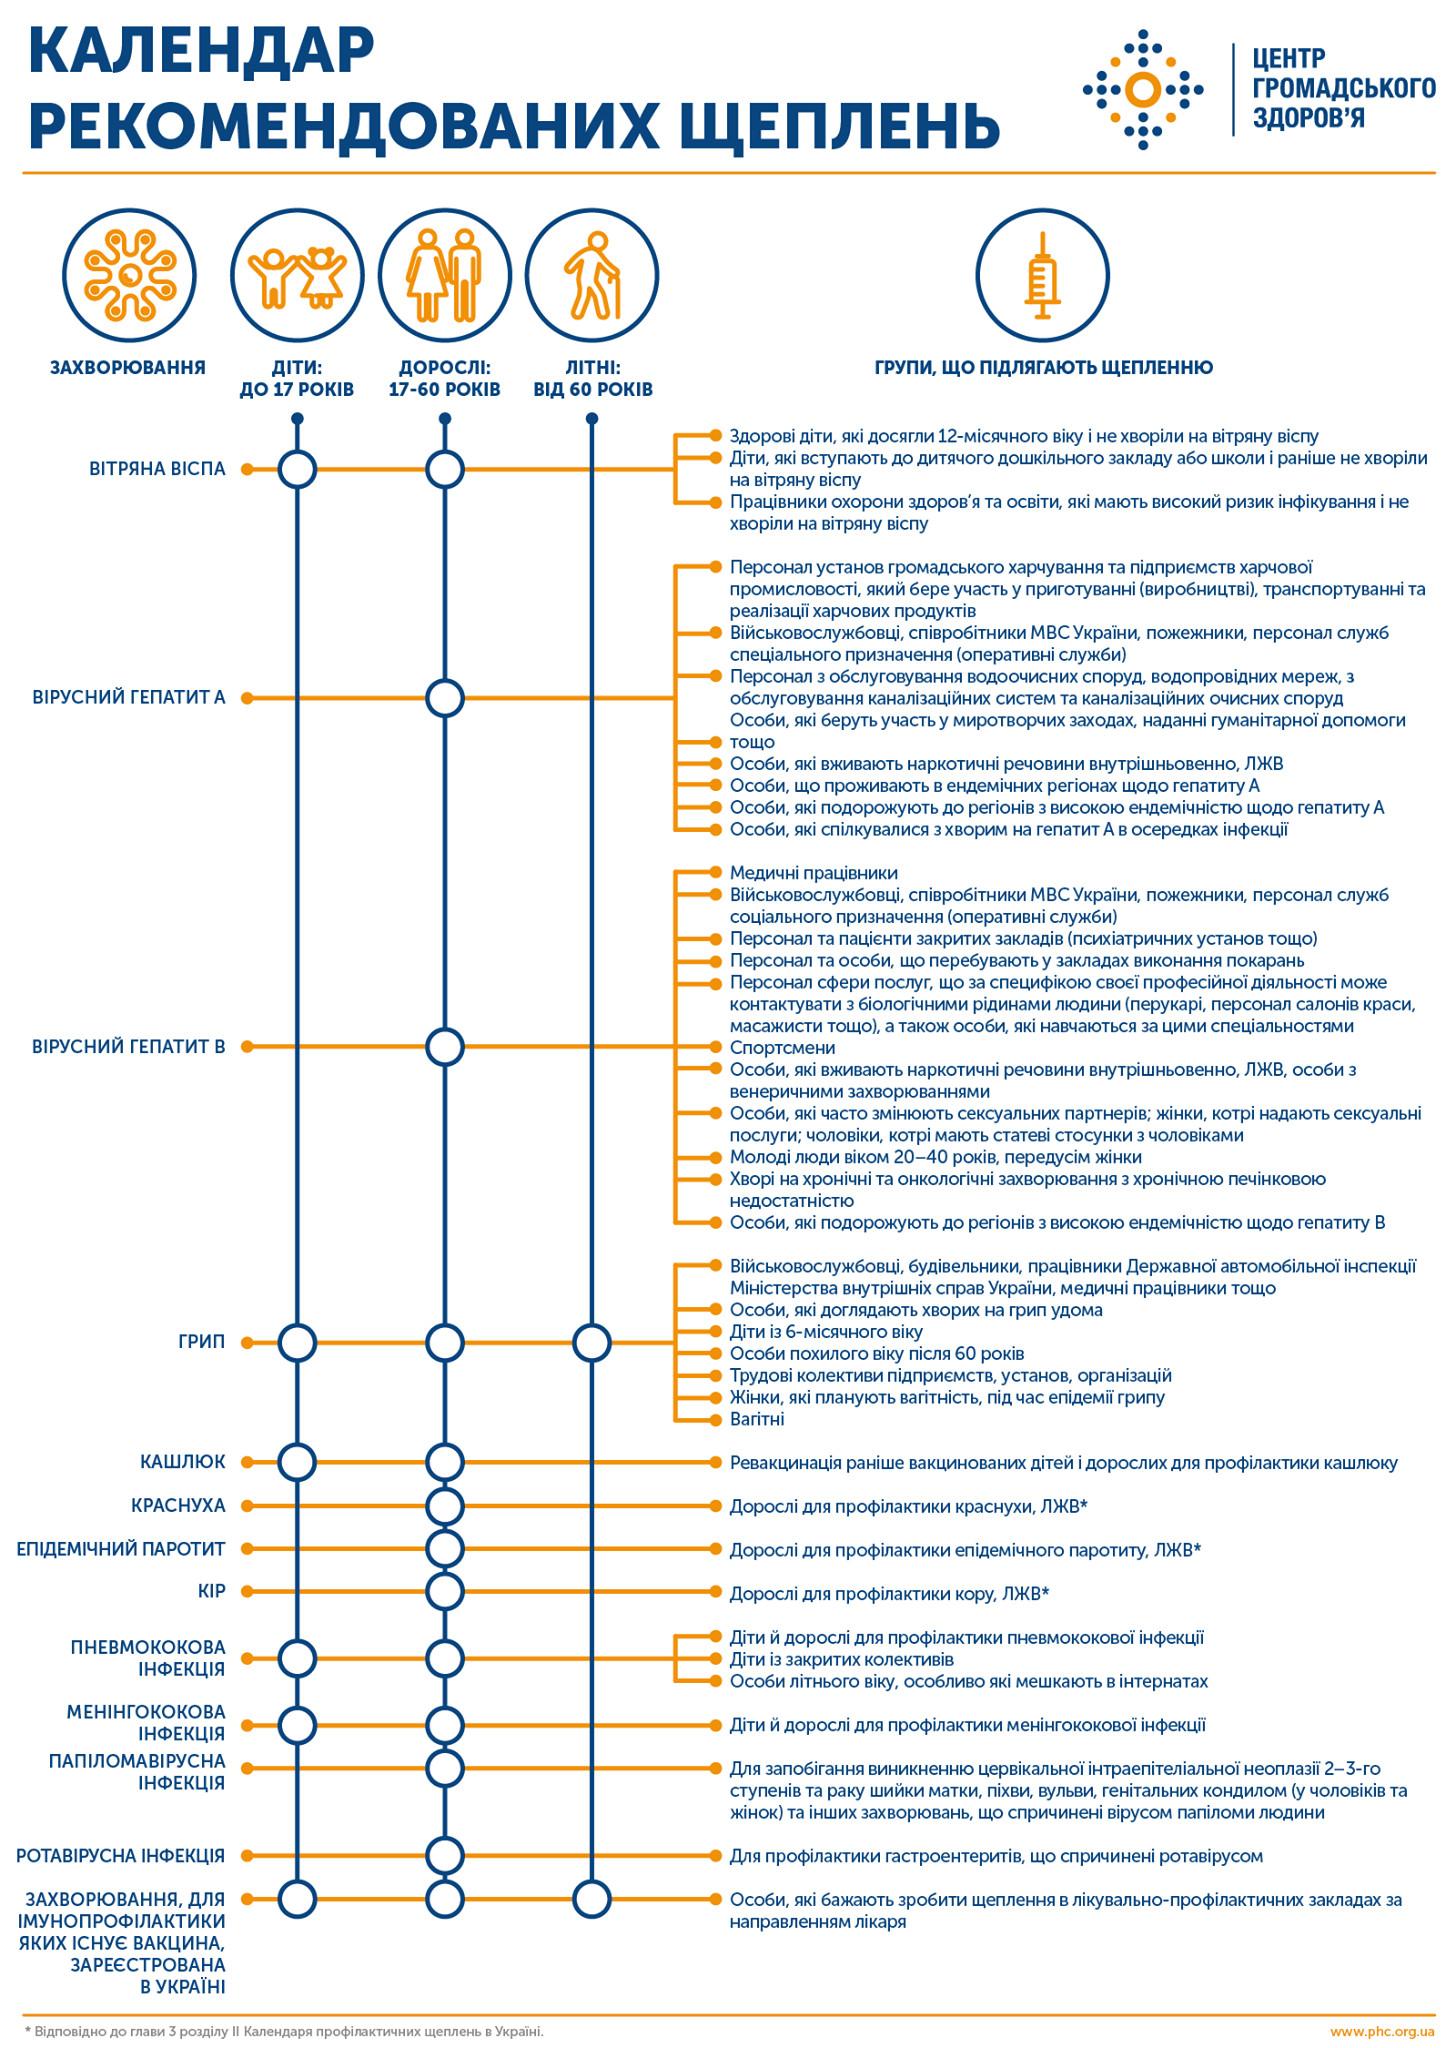 Календарь рекомендованных прививок в Украине